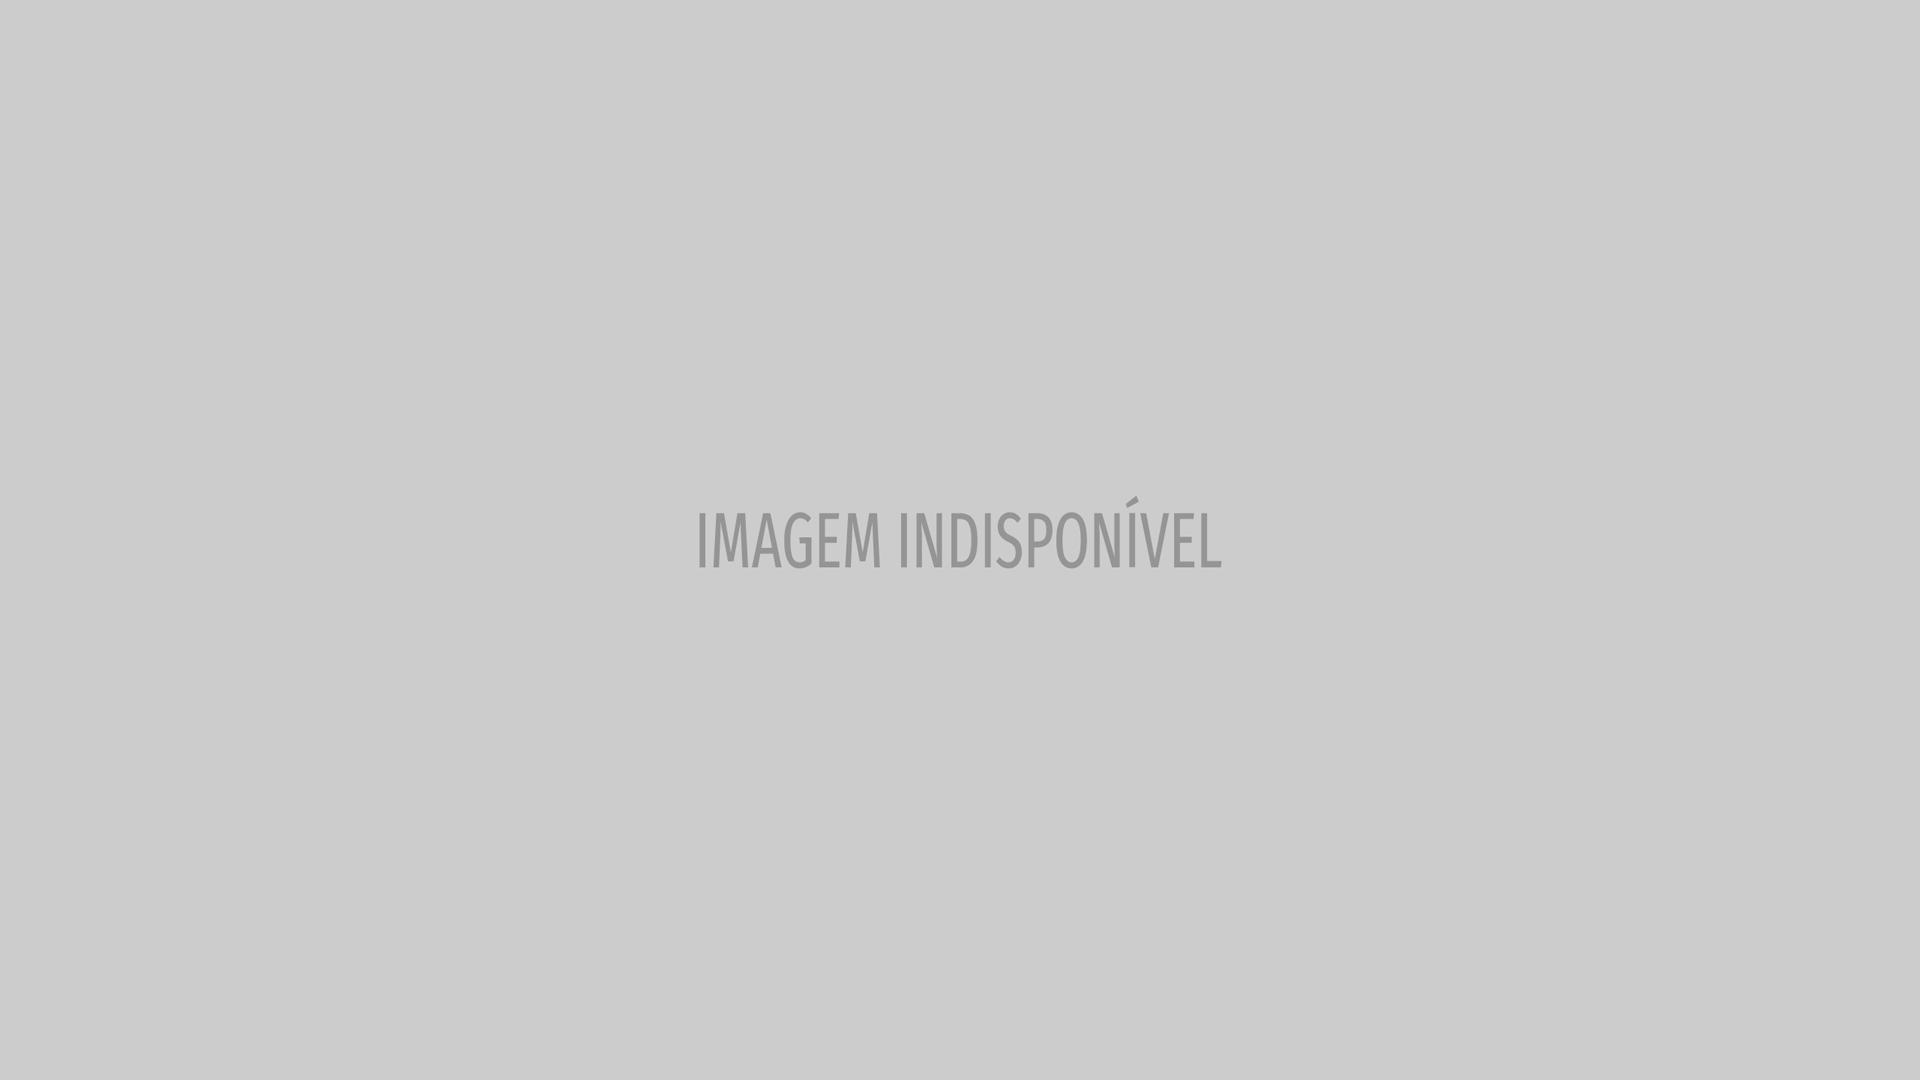 Vídeo mostra momentos de pânico após colapso de plataforma em Vigo